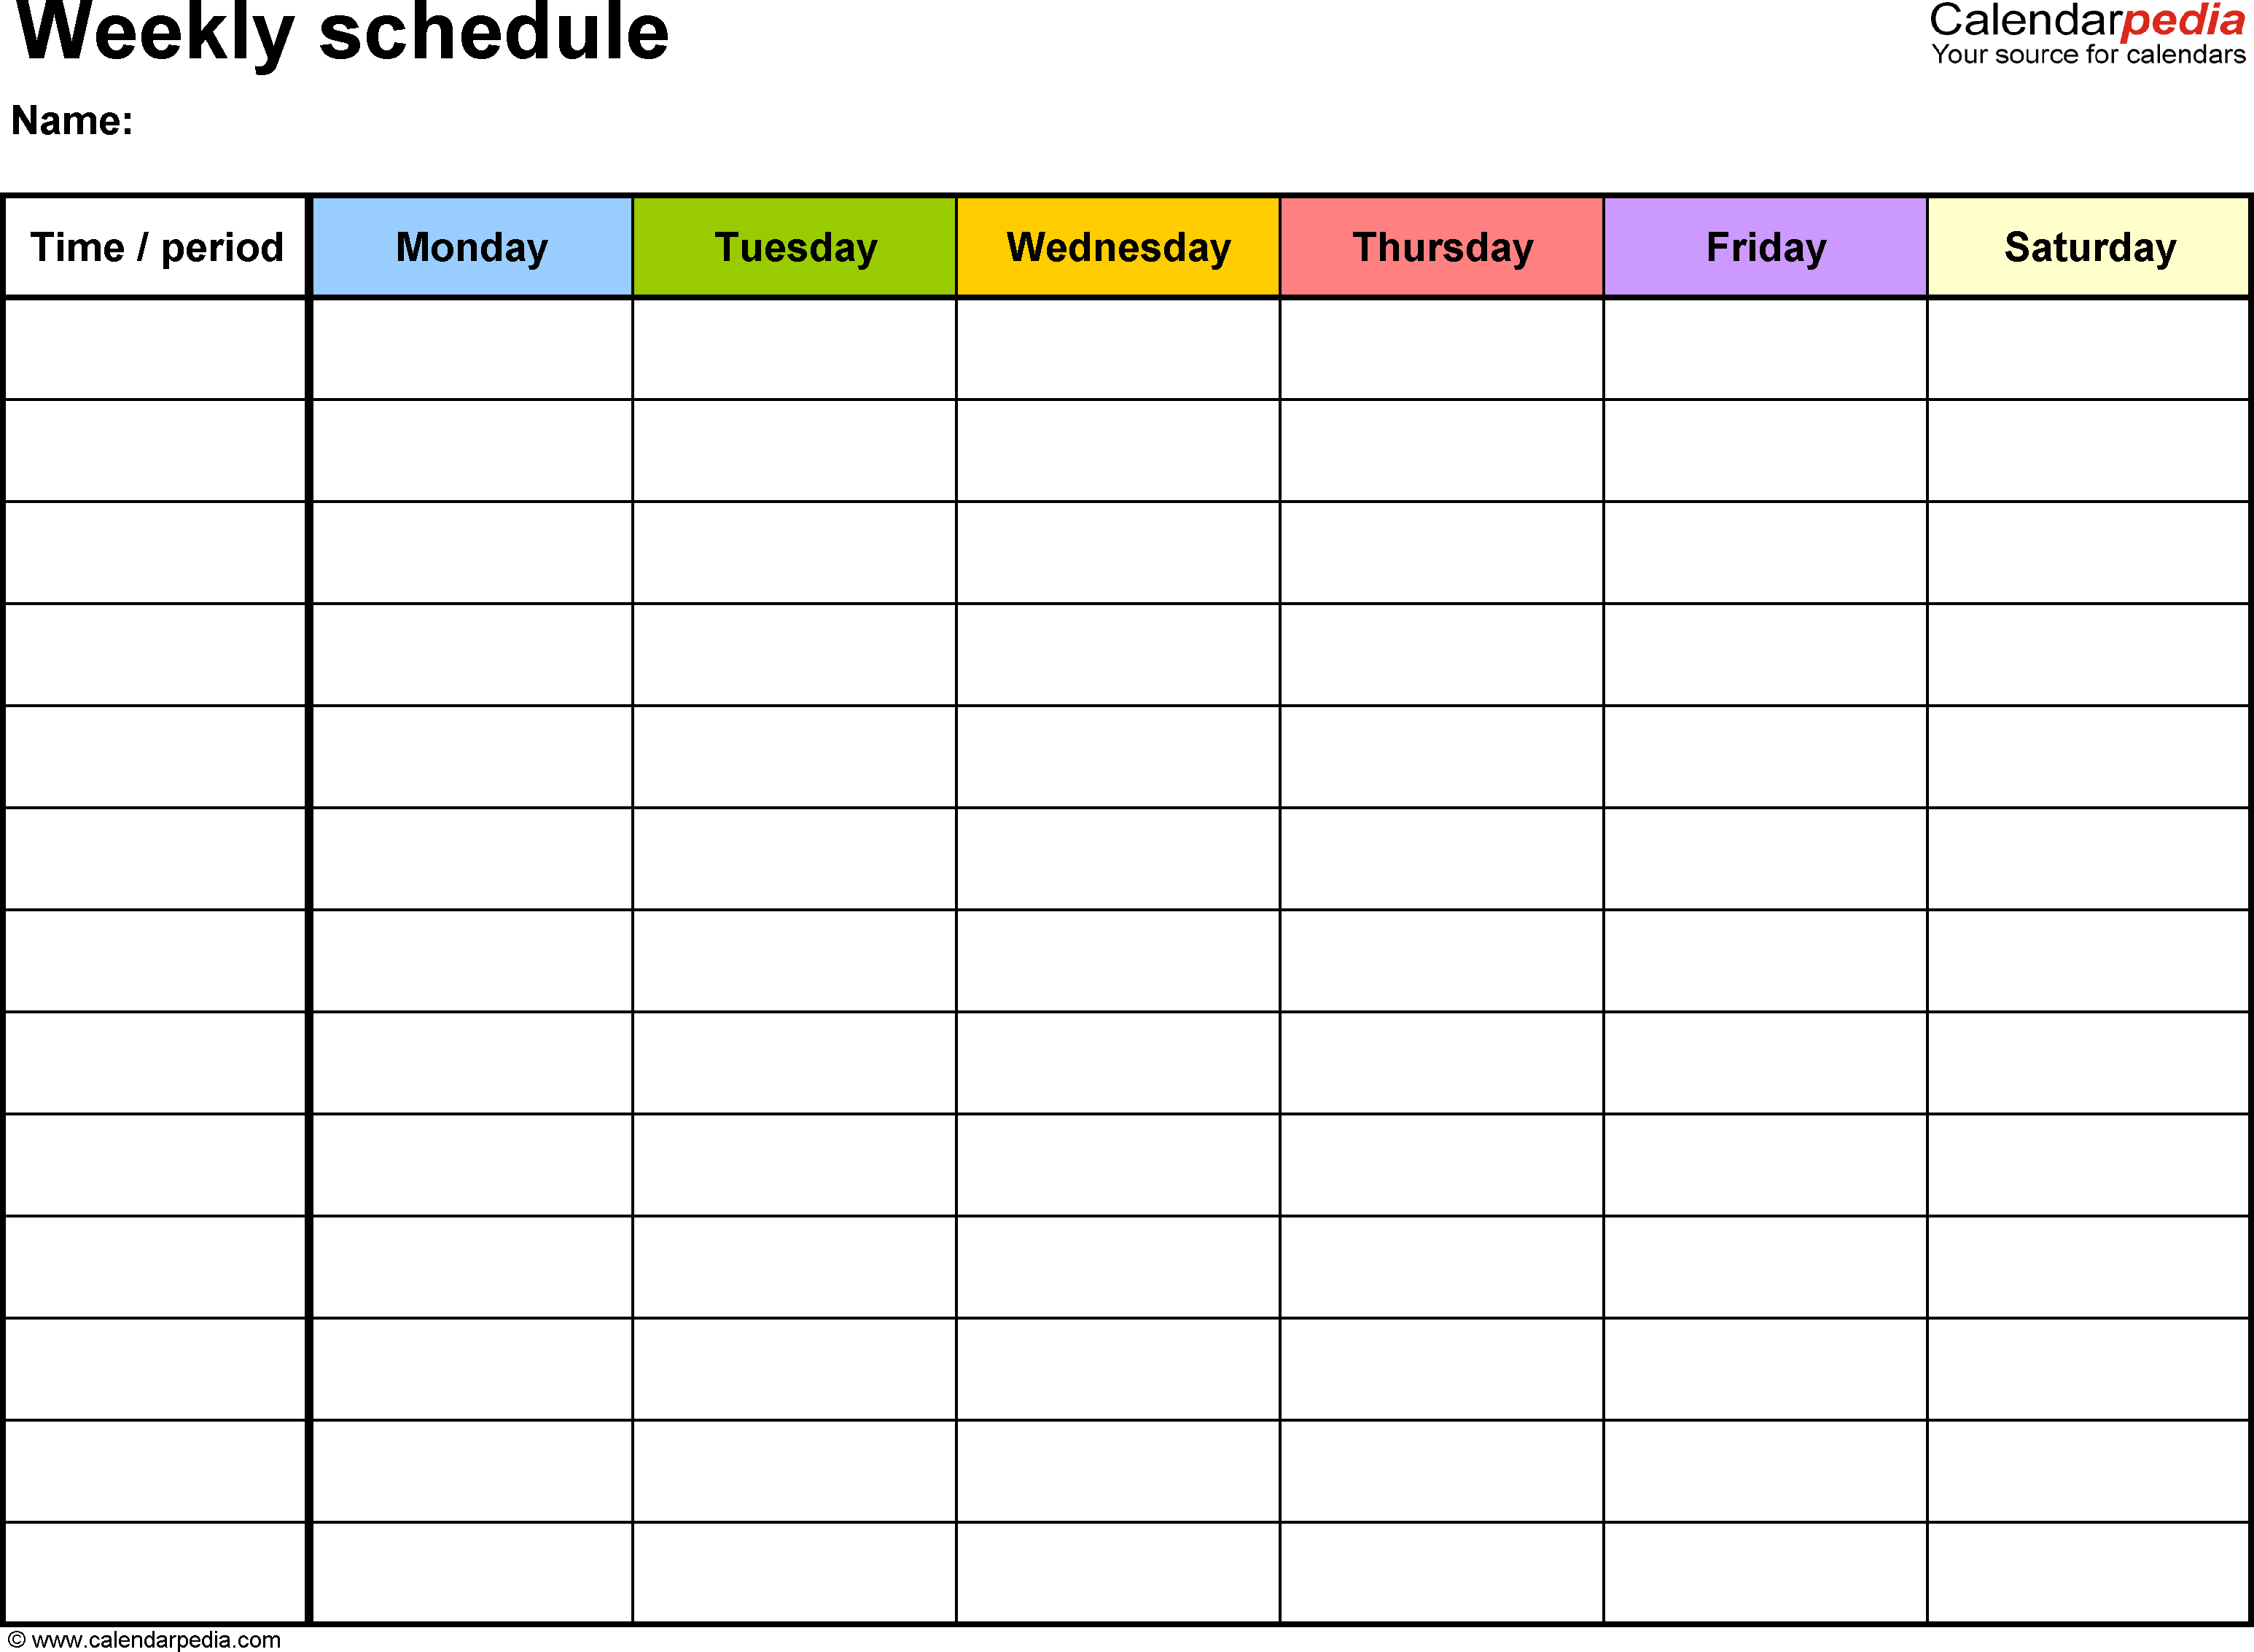 Weekly Printable Schedule  Topa.mastersathletics.co intended for Printable Blank Weekly Calendar